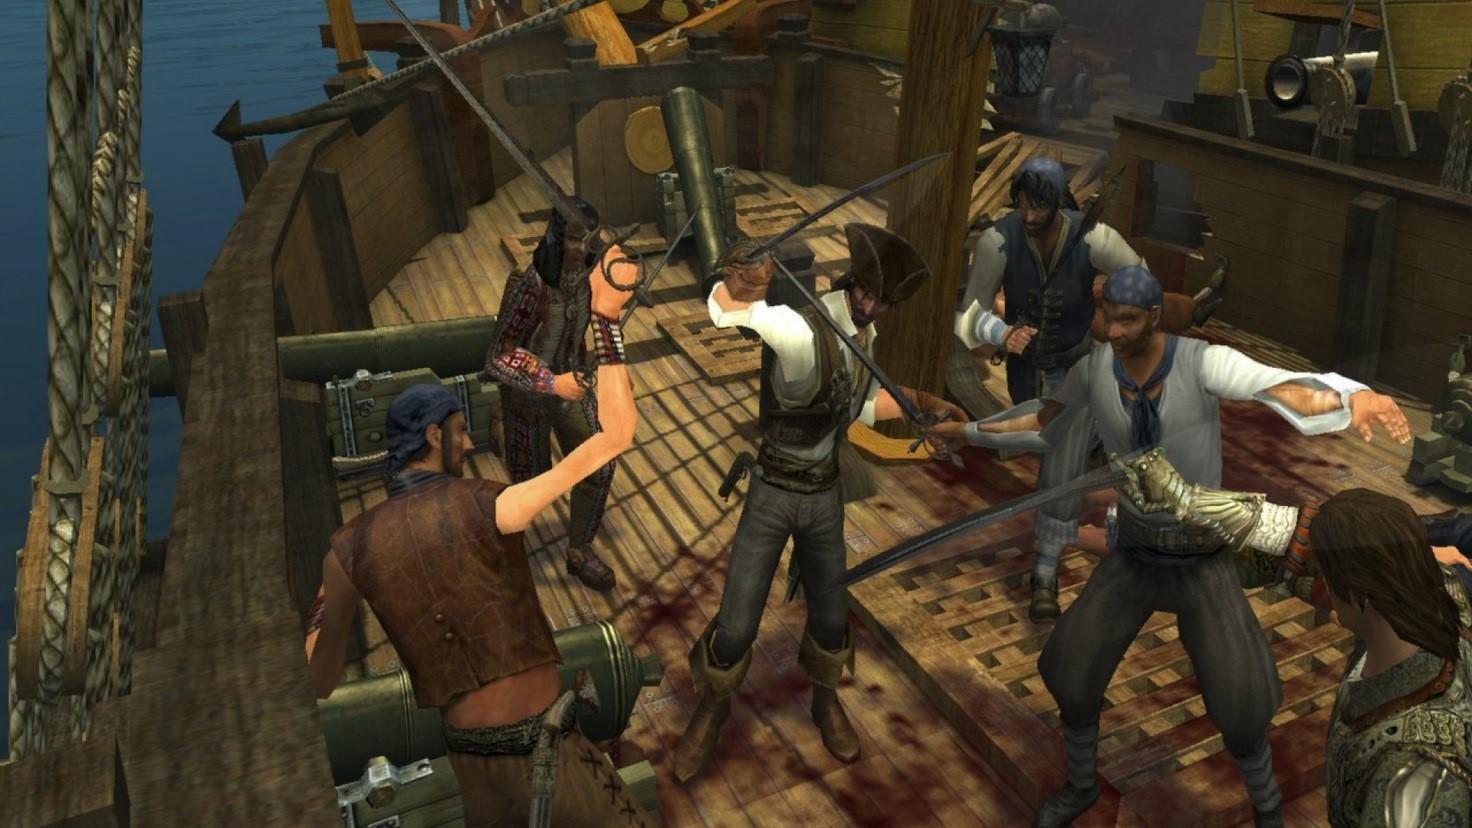 Пираты 2 месть стартеги